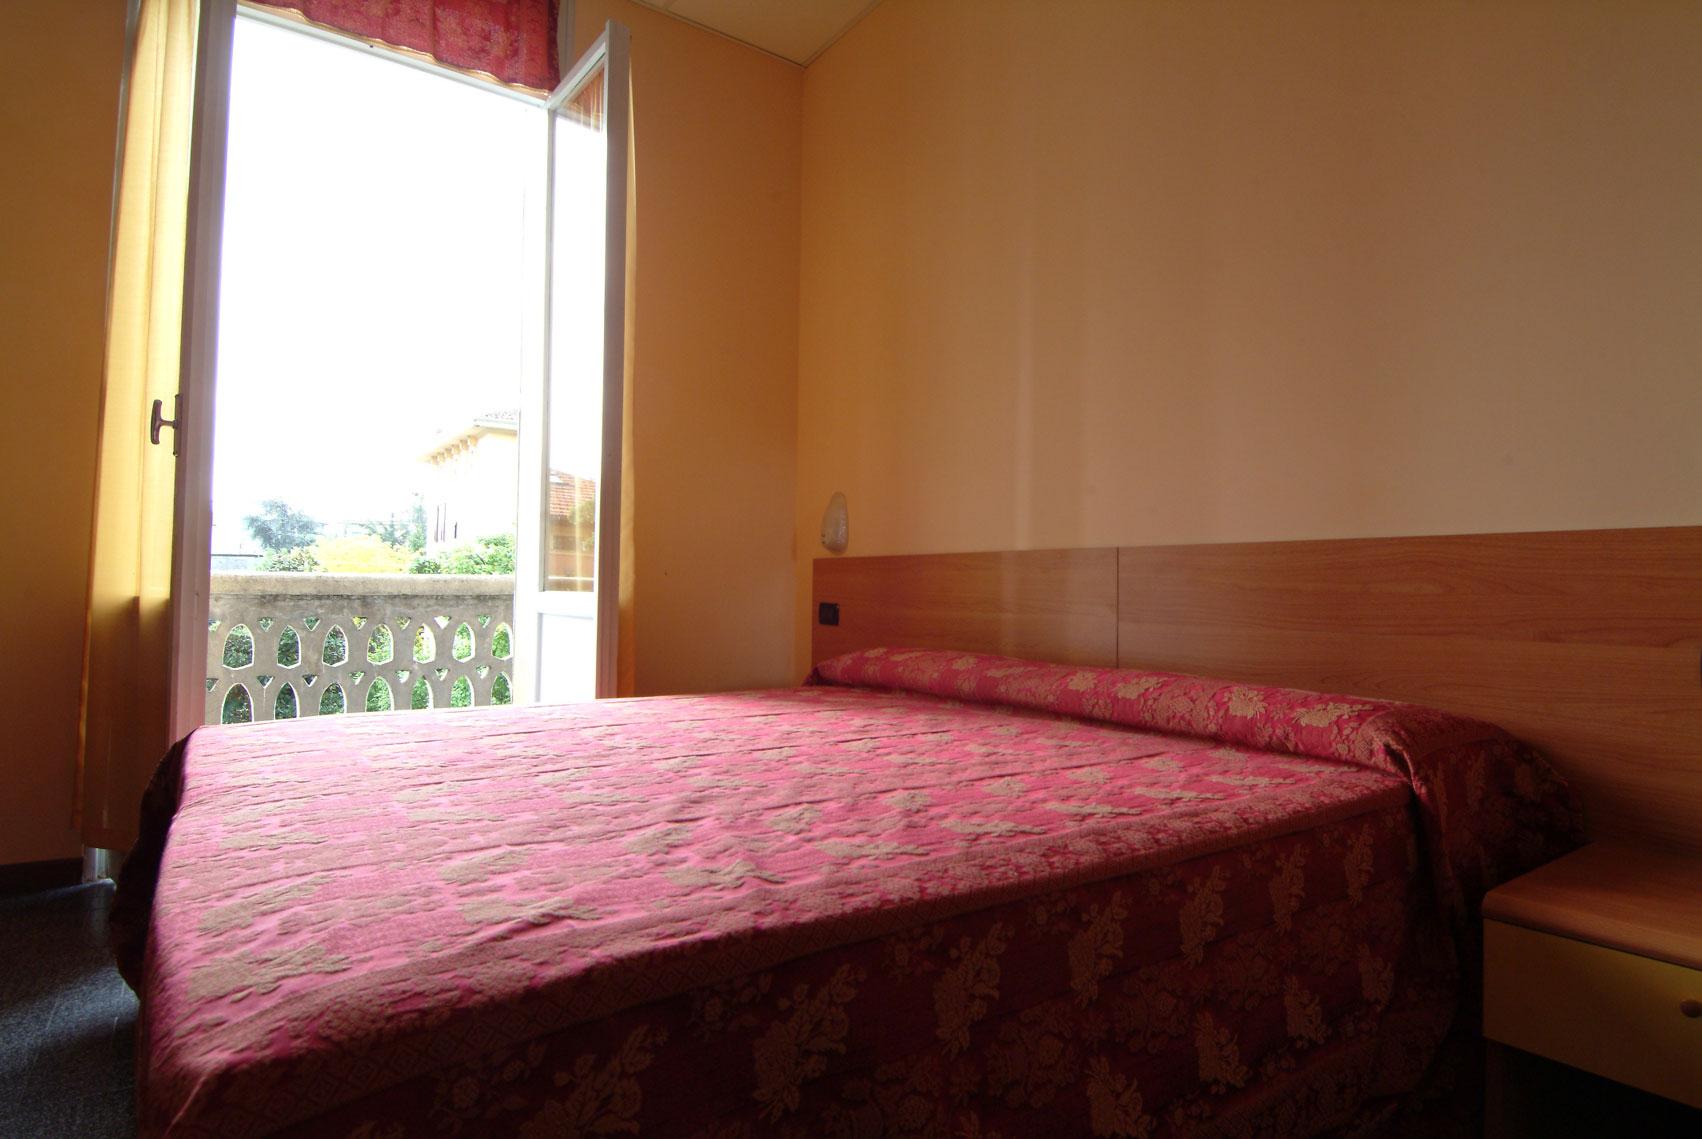 Camera matrimoniale con bagno in comune hotel sangeminiano